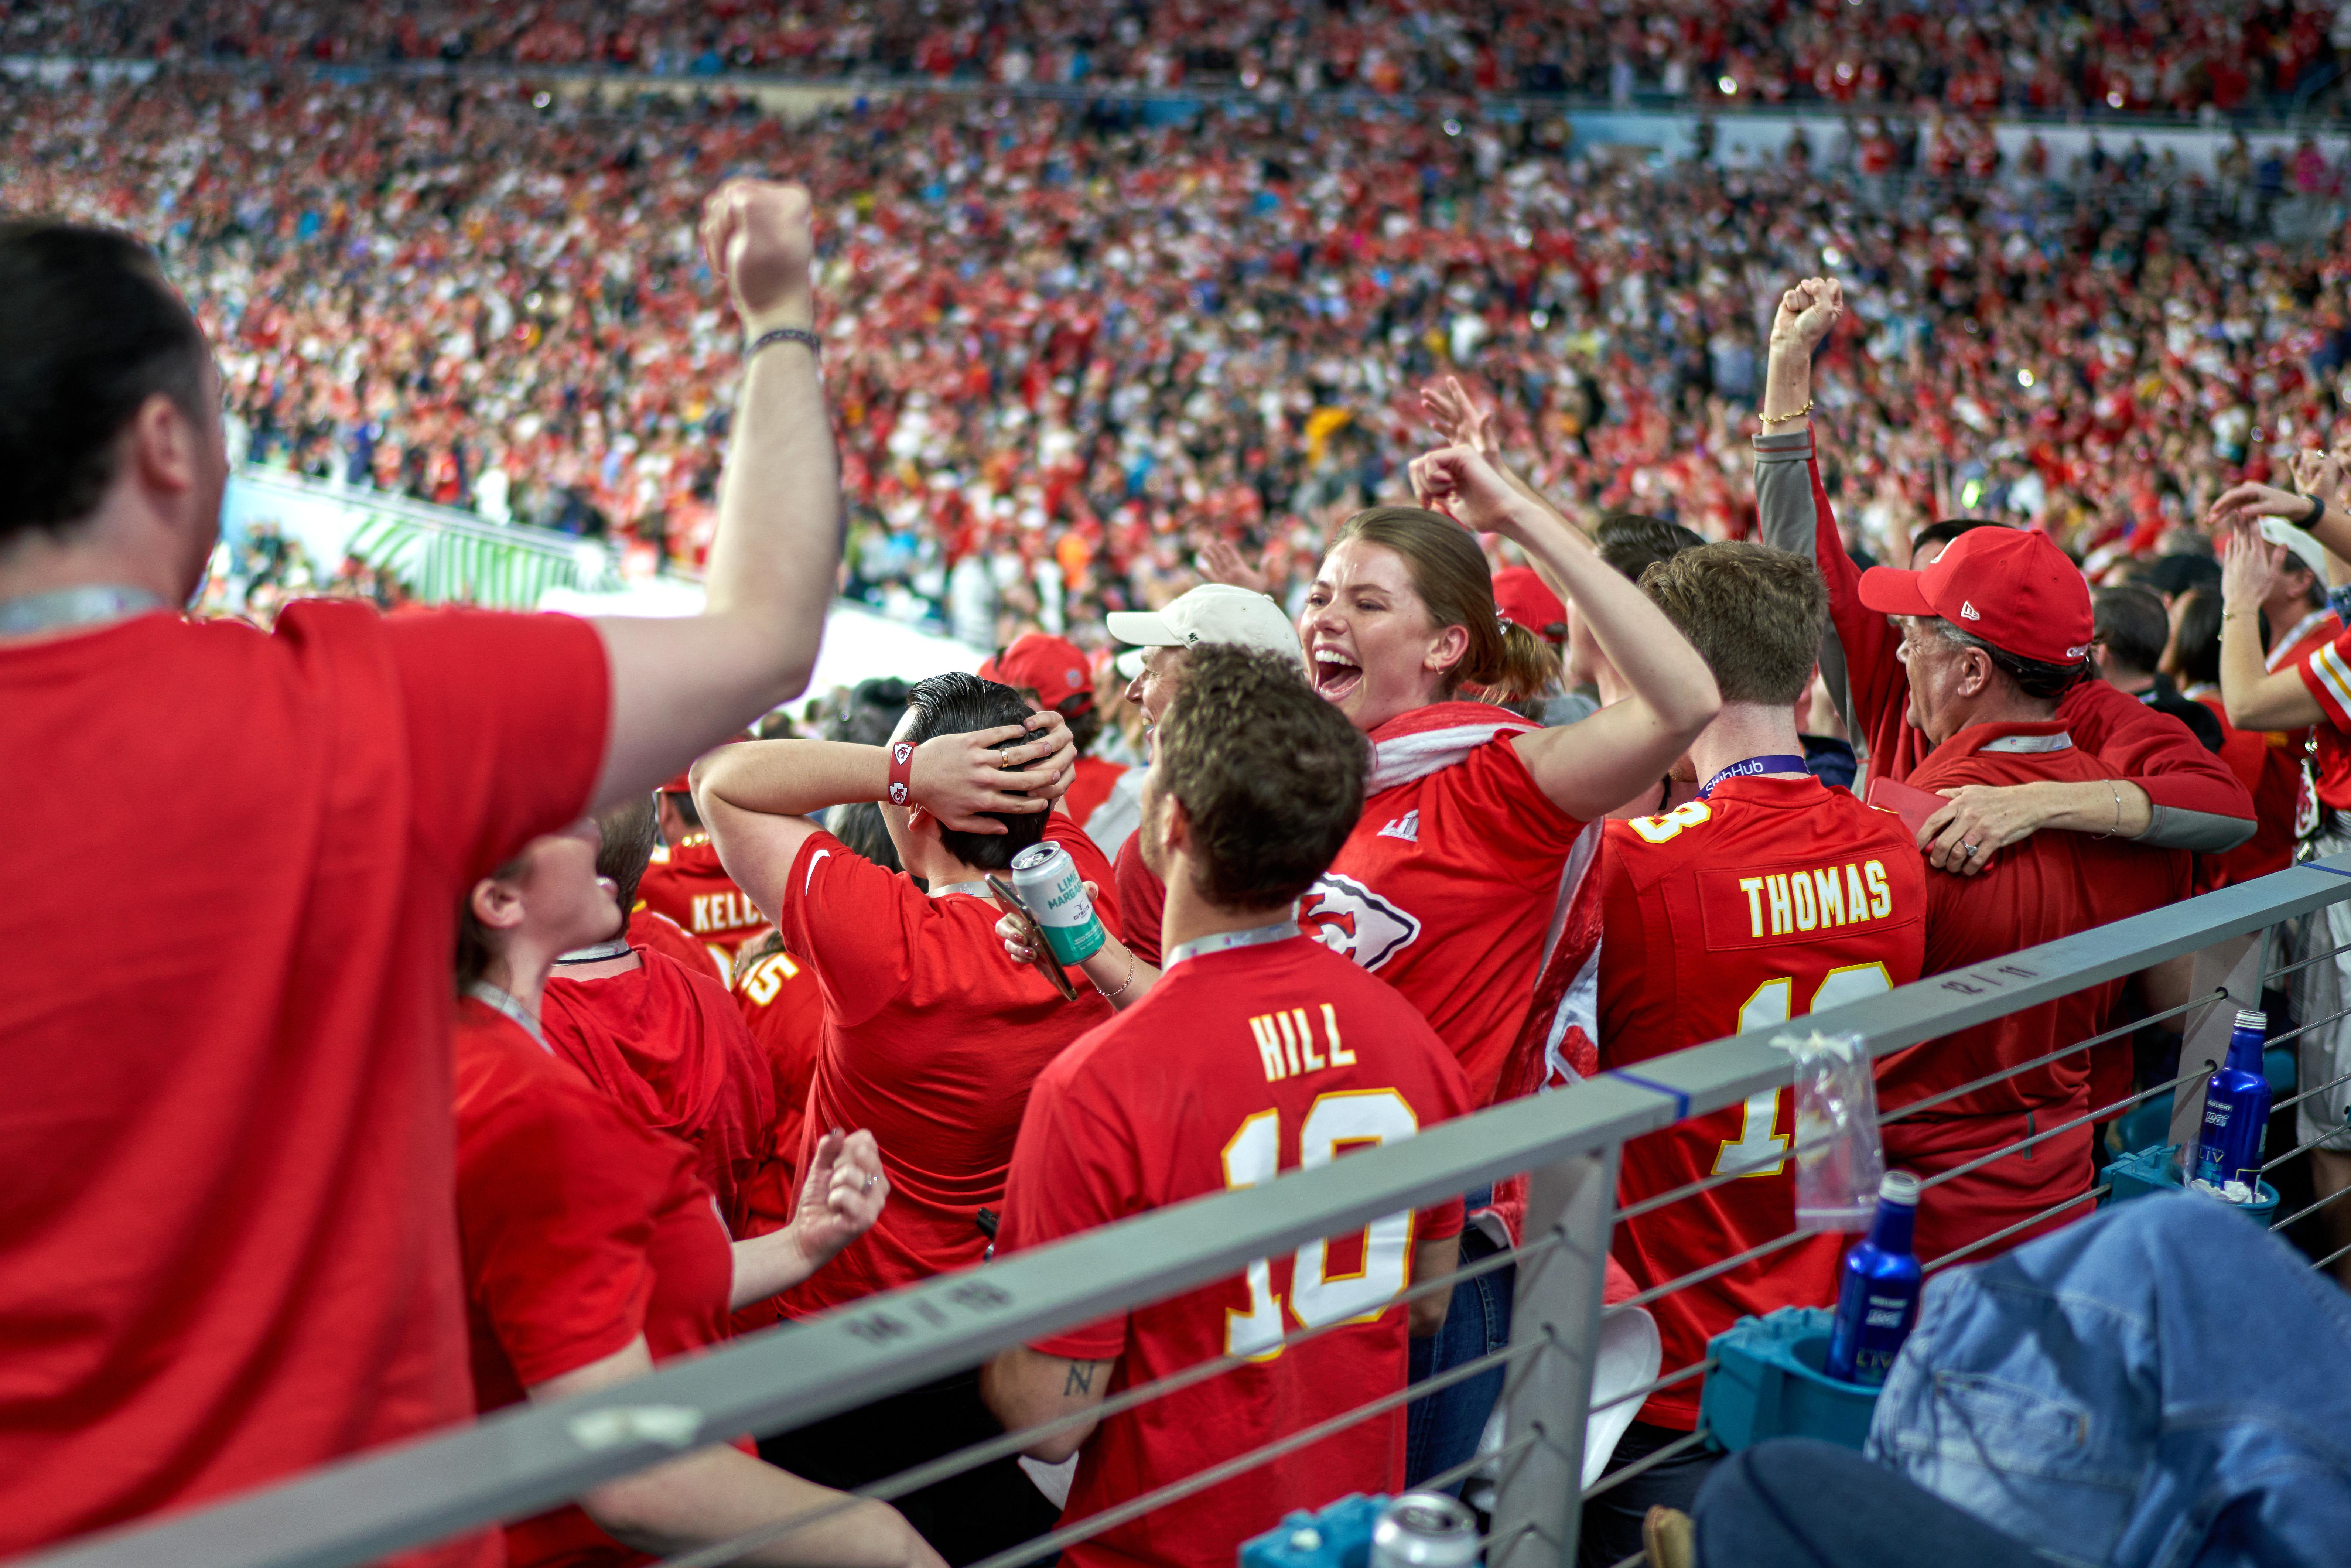 Kansas City Chiefs fans celebrate during Super Bowl LIV